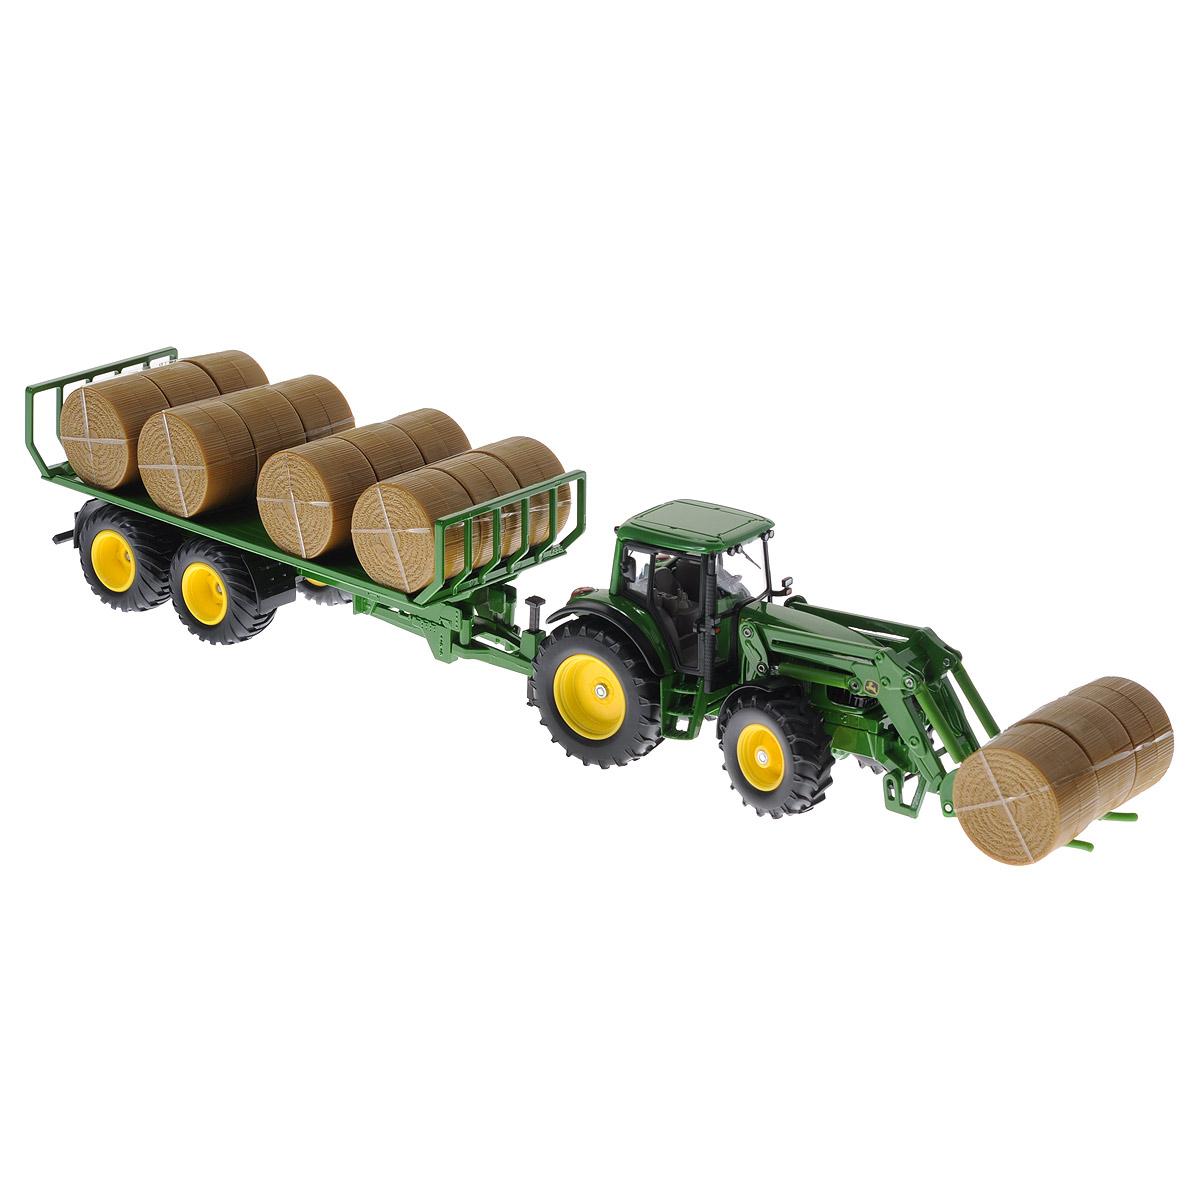 Siku Трактор John Deere с прицепом для круглых кип siku трактор fendt 939 с прицепом и бревнами